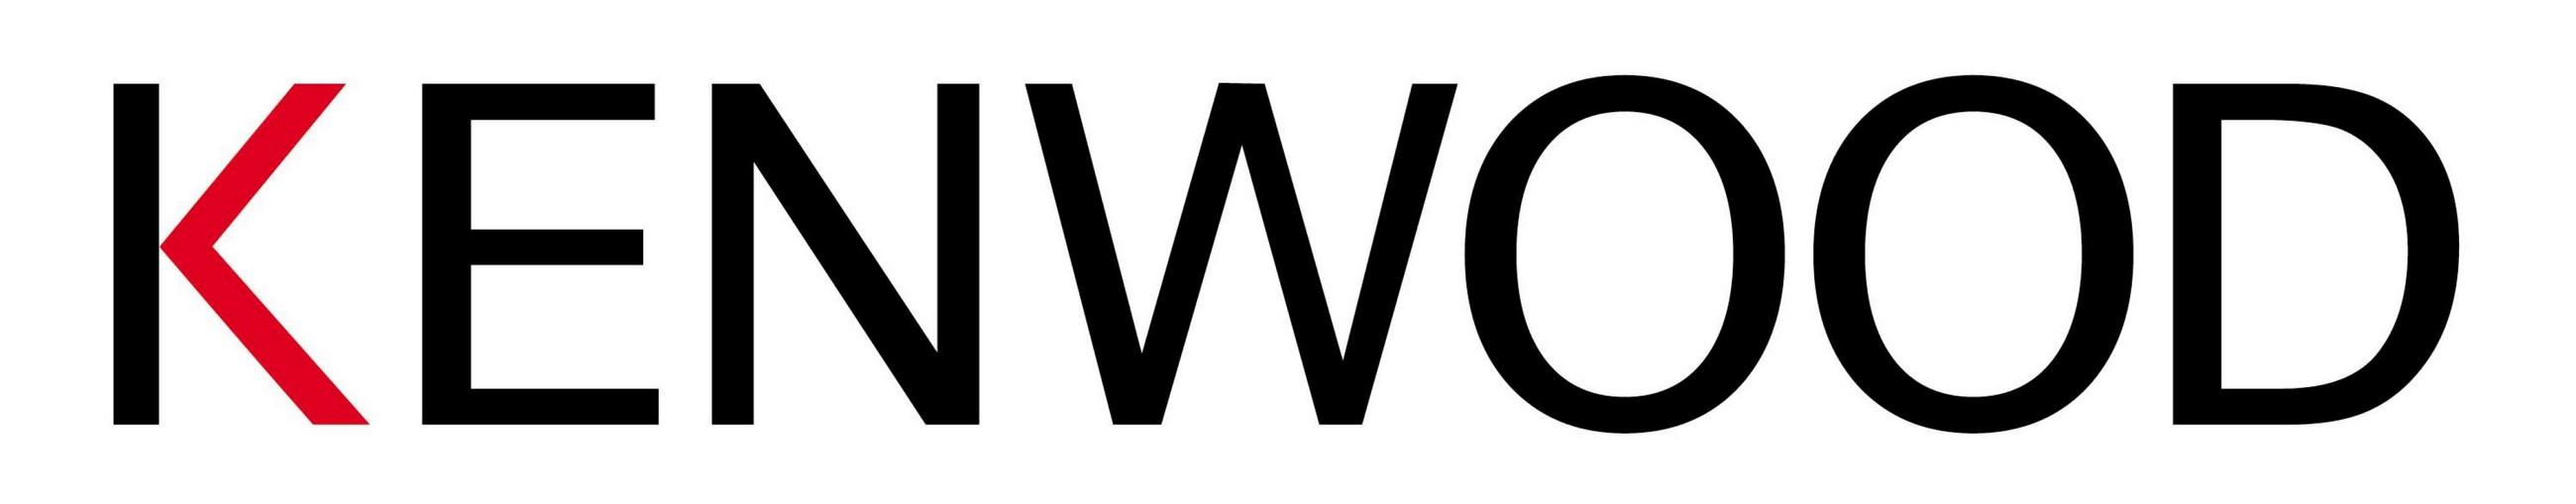 Kenwood Logos